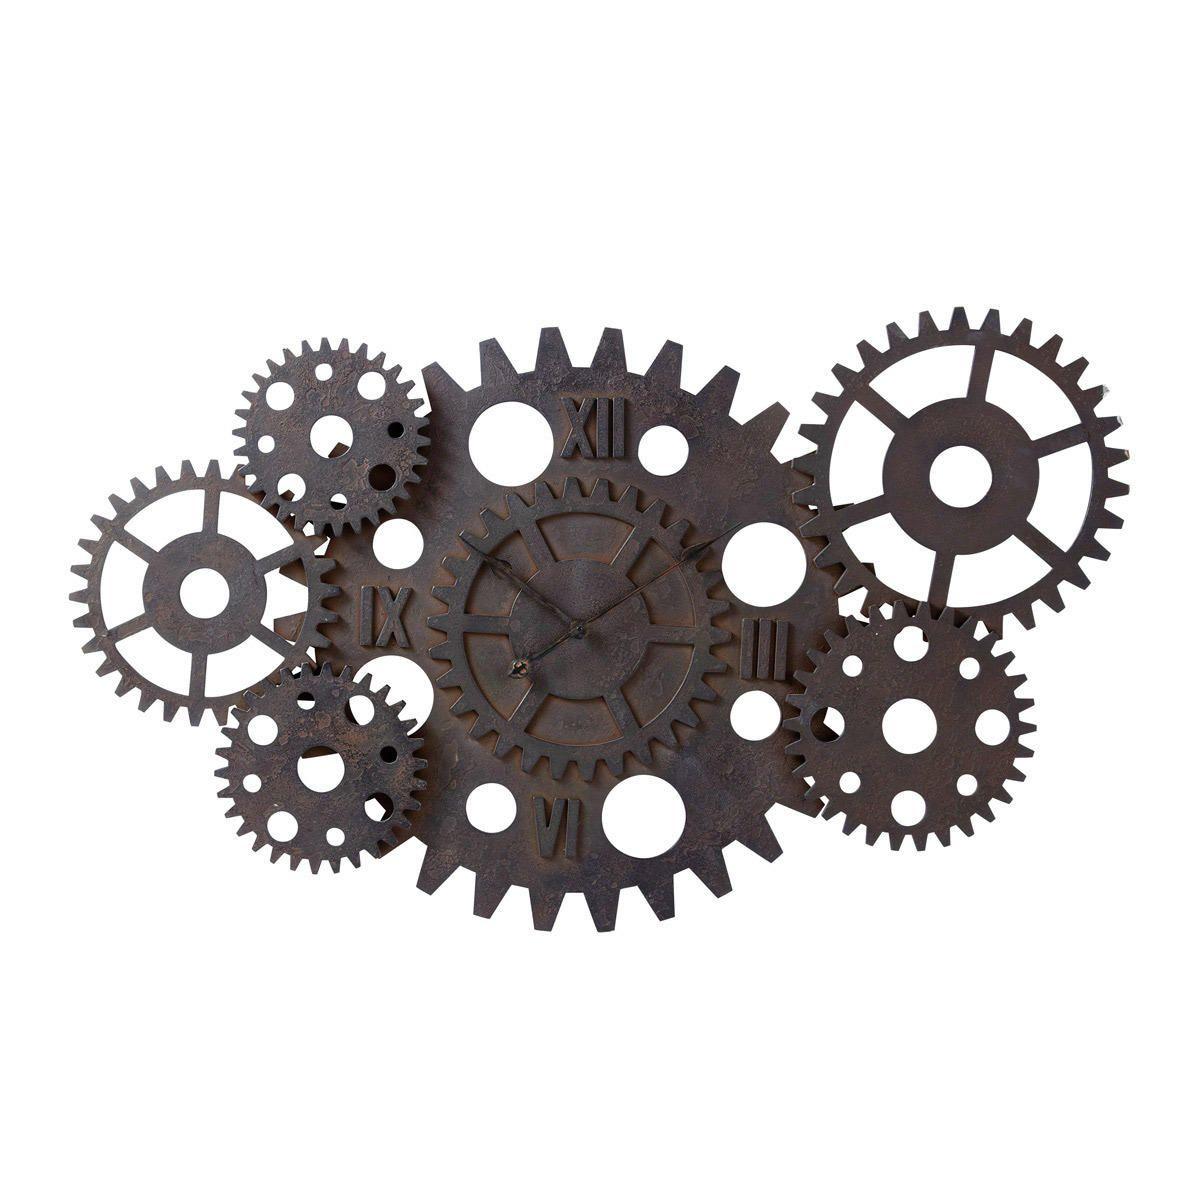 Horloge Industrielle Maison Du Monde Auch Inspirant: Horloge Indus à Rouages Effet Rouille D 125 Cm